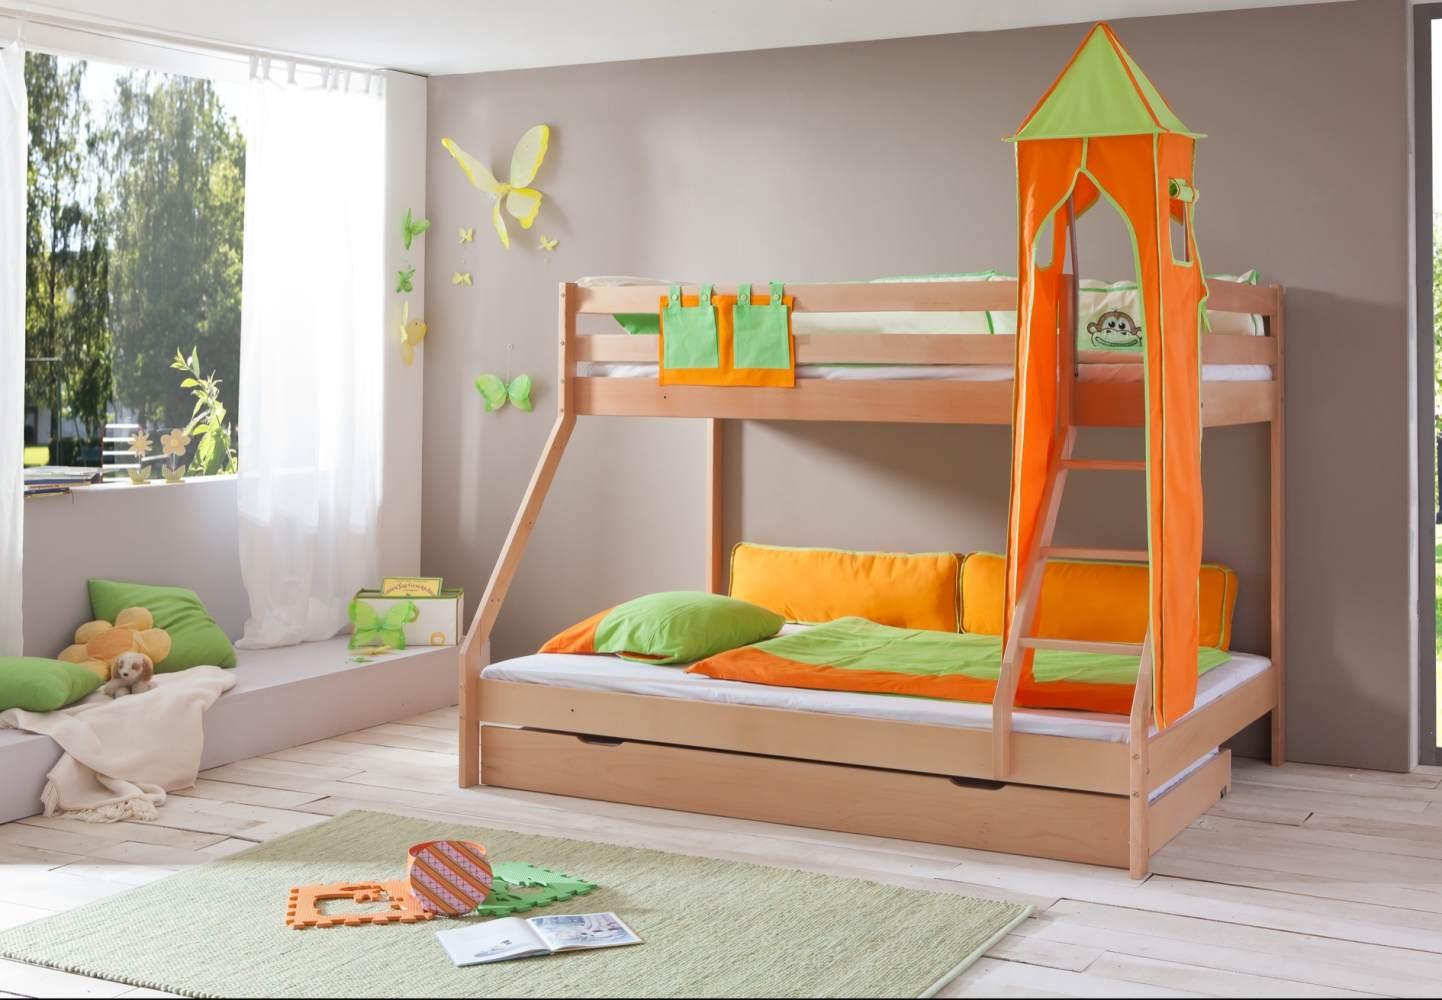 Relita 'Mike' Etagenbett natur, inkl. Bettschublade und Textilset Turm und Tasche 'grün/orange' Bild 1